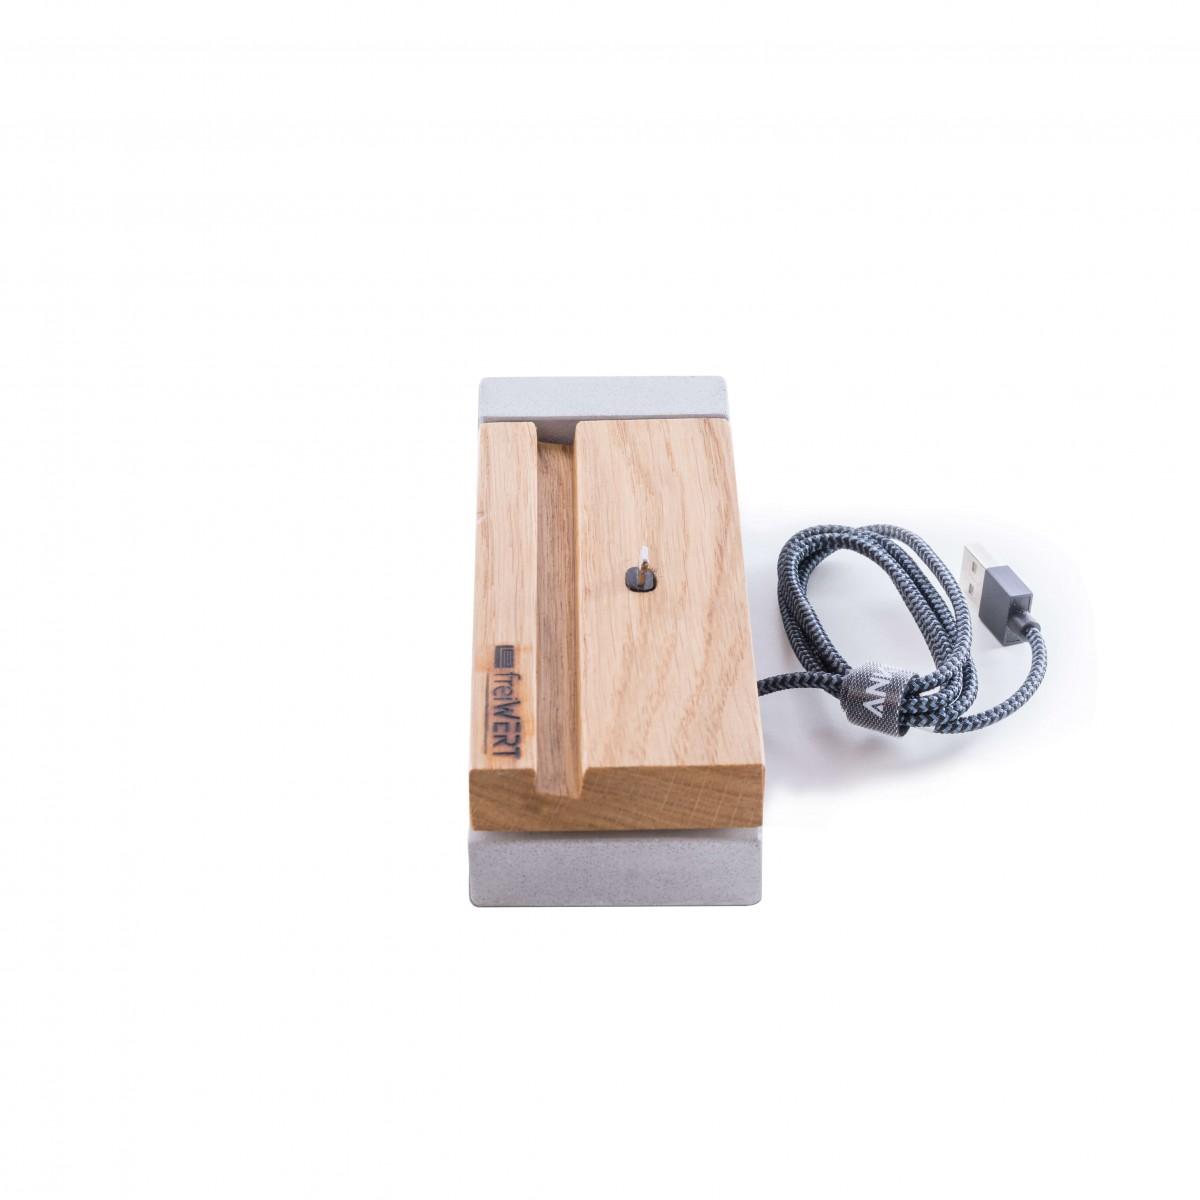 Ladestation für iPhone aus Eichenholz und Beton